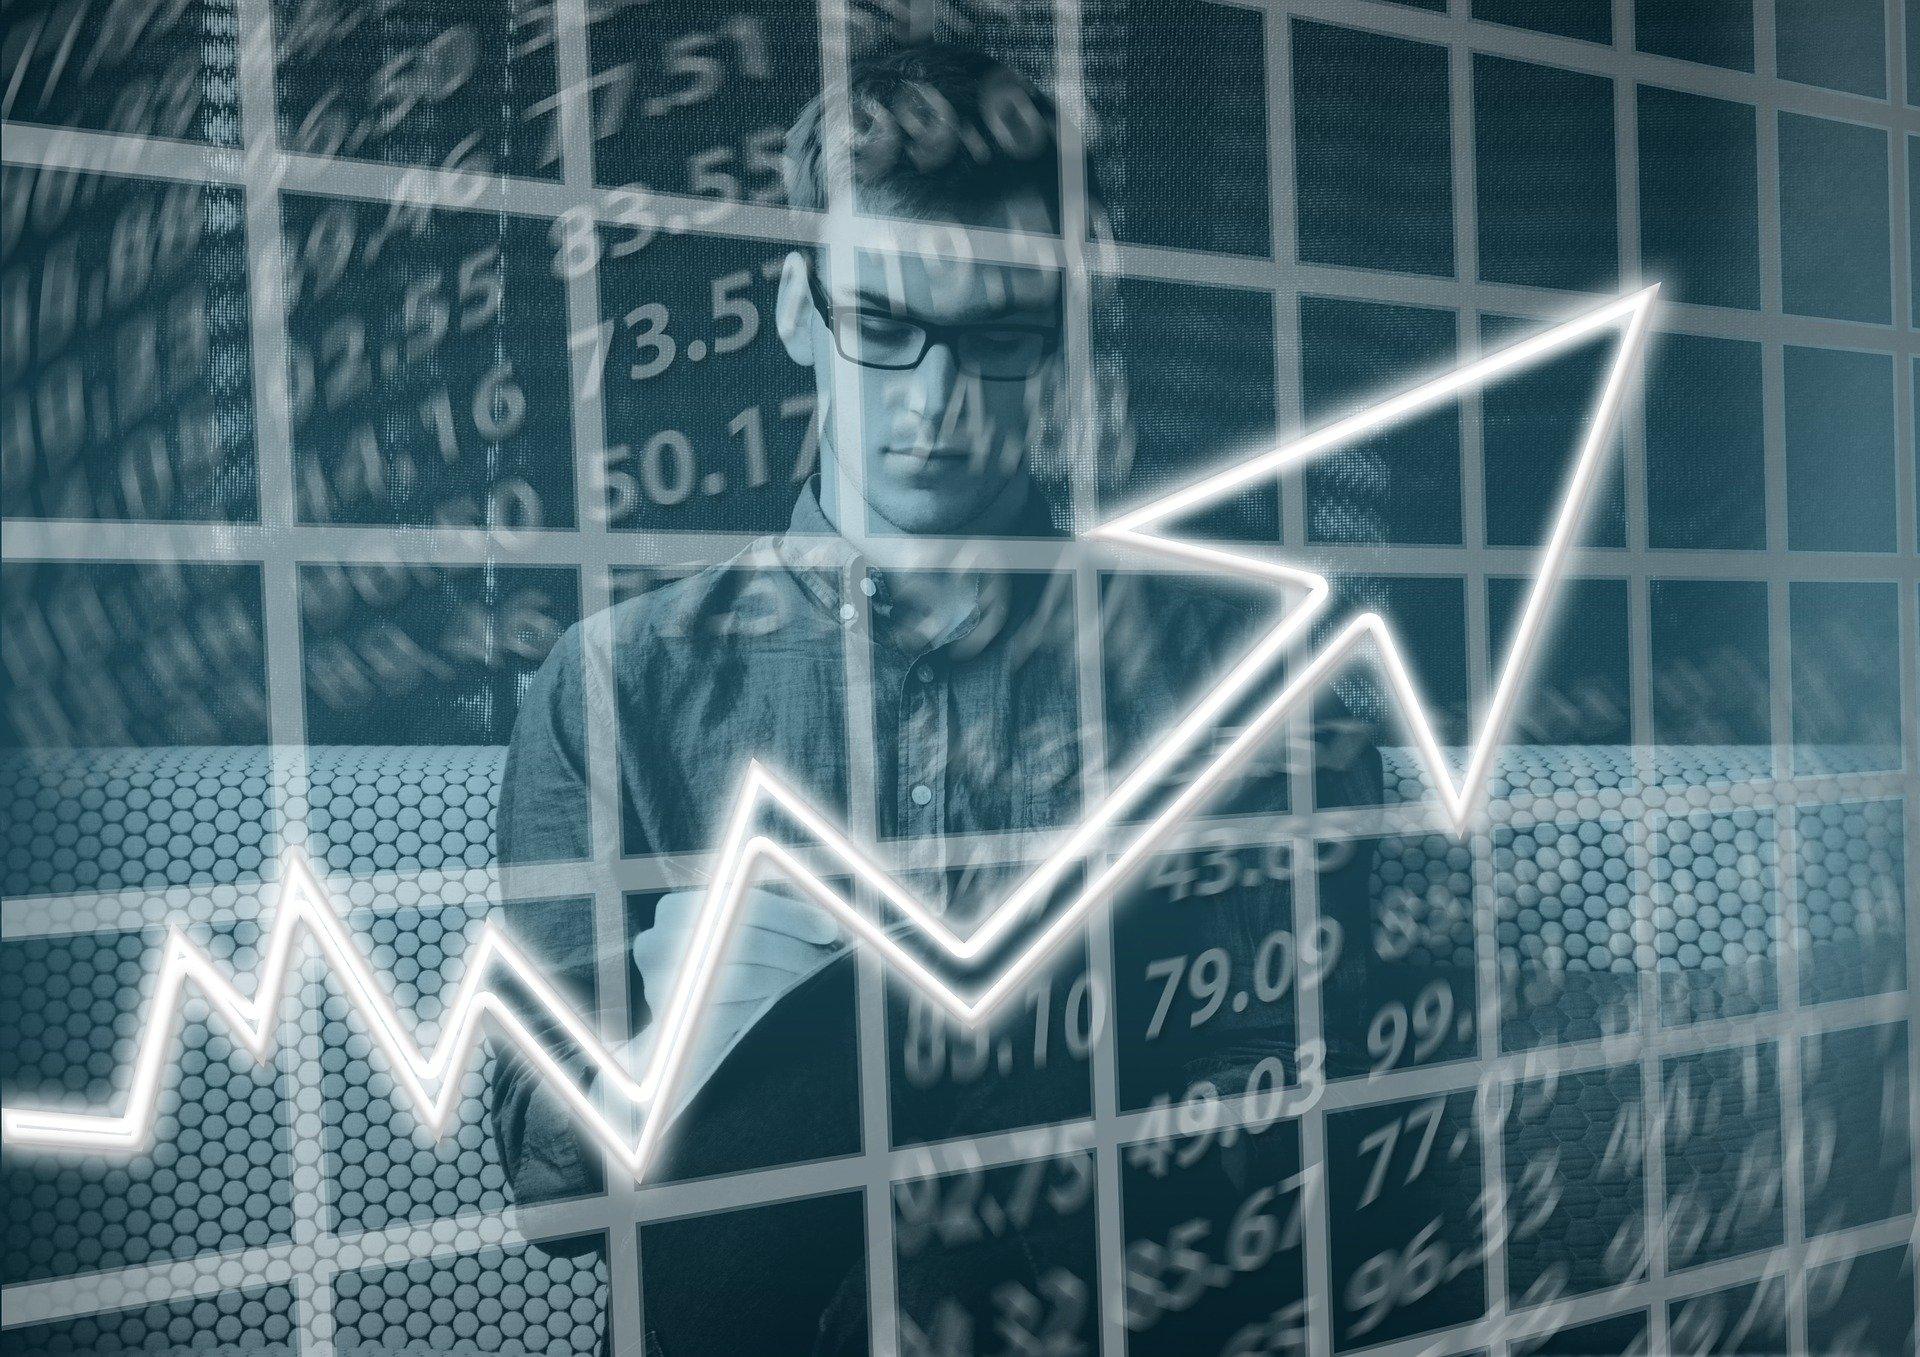 Reconfinement: Les mesures d'urgence économiques à destination des entreprises (Covid-19)